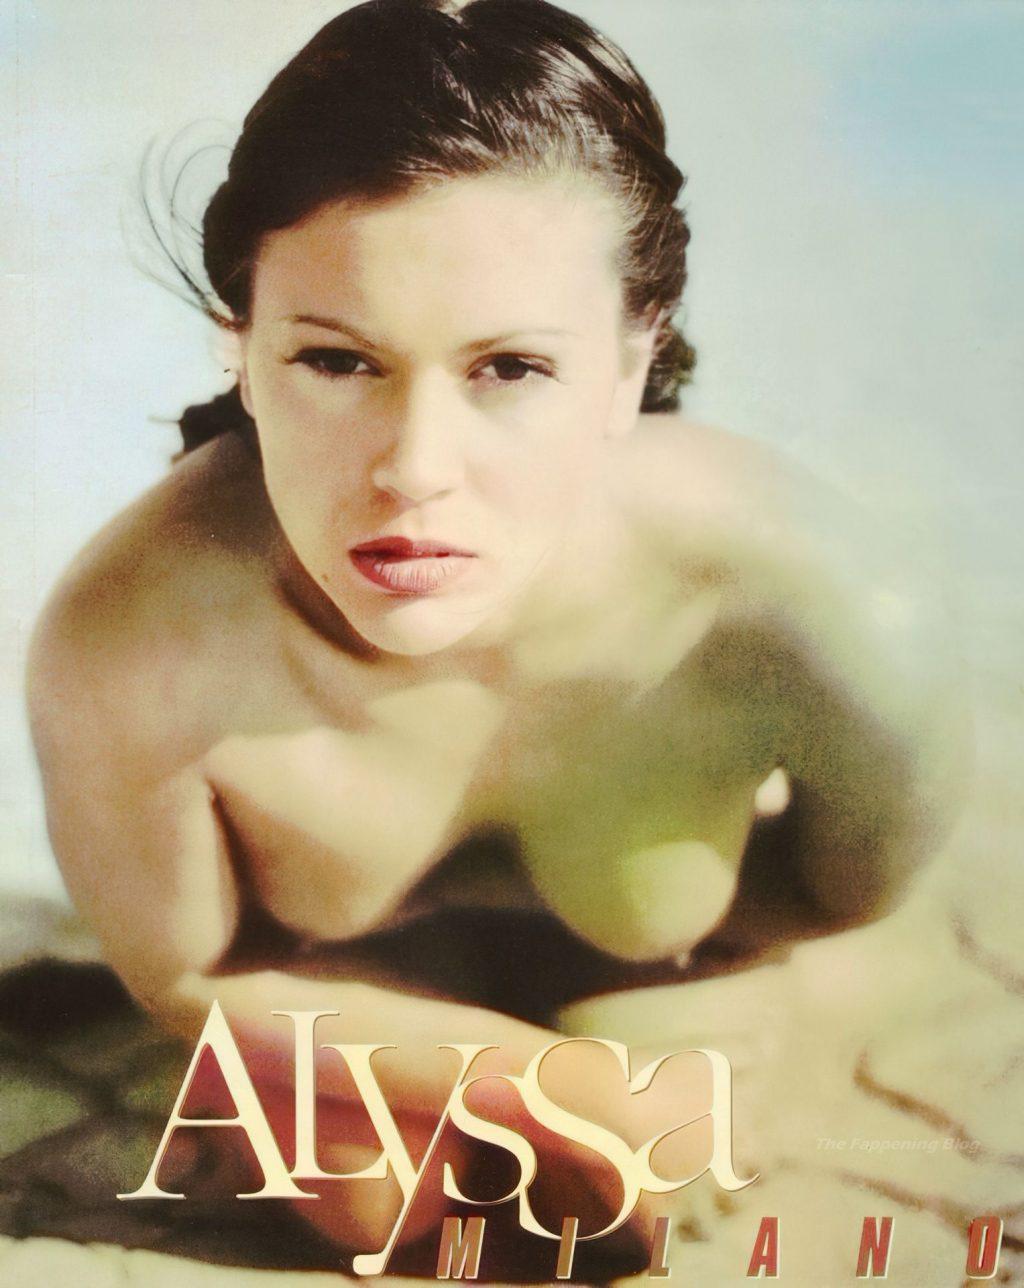 alyssa-milano